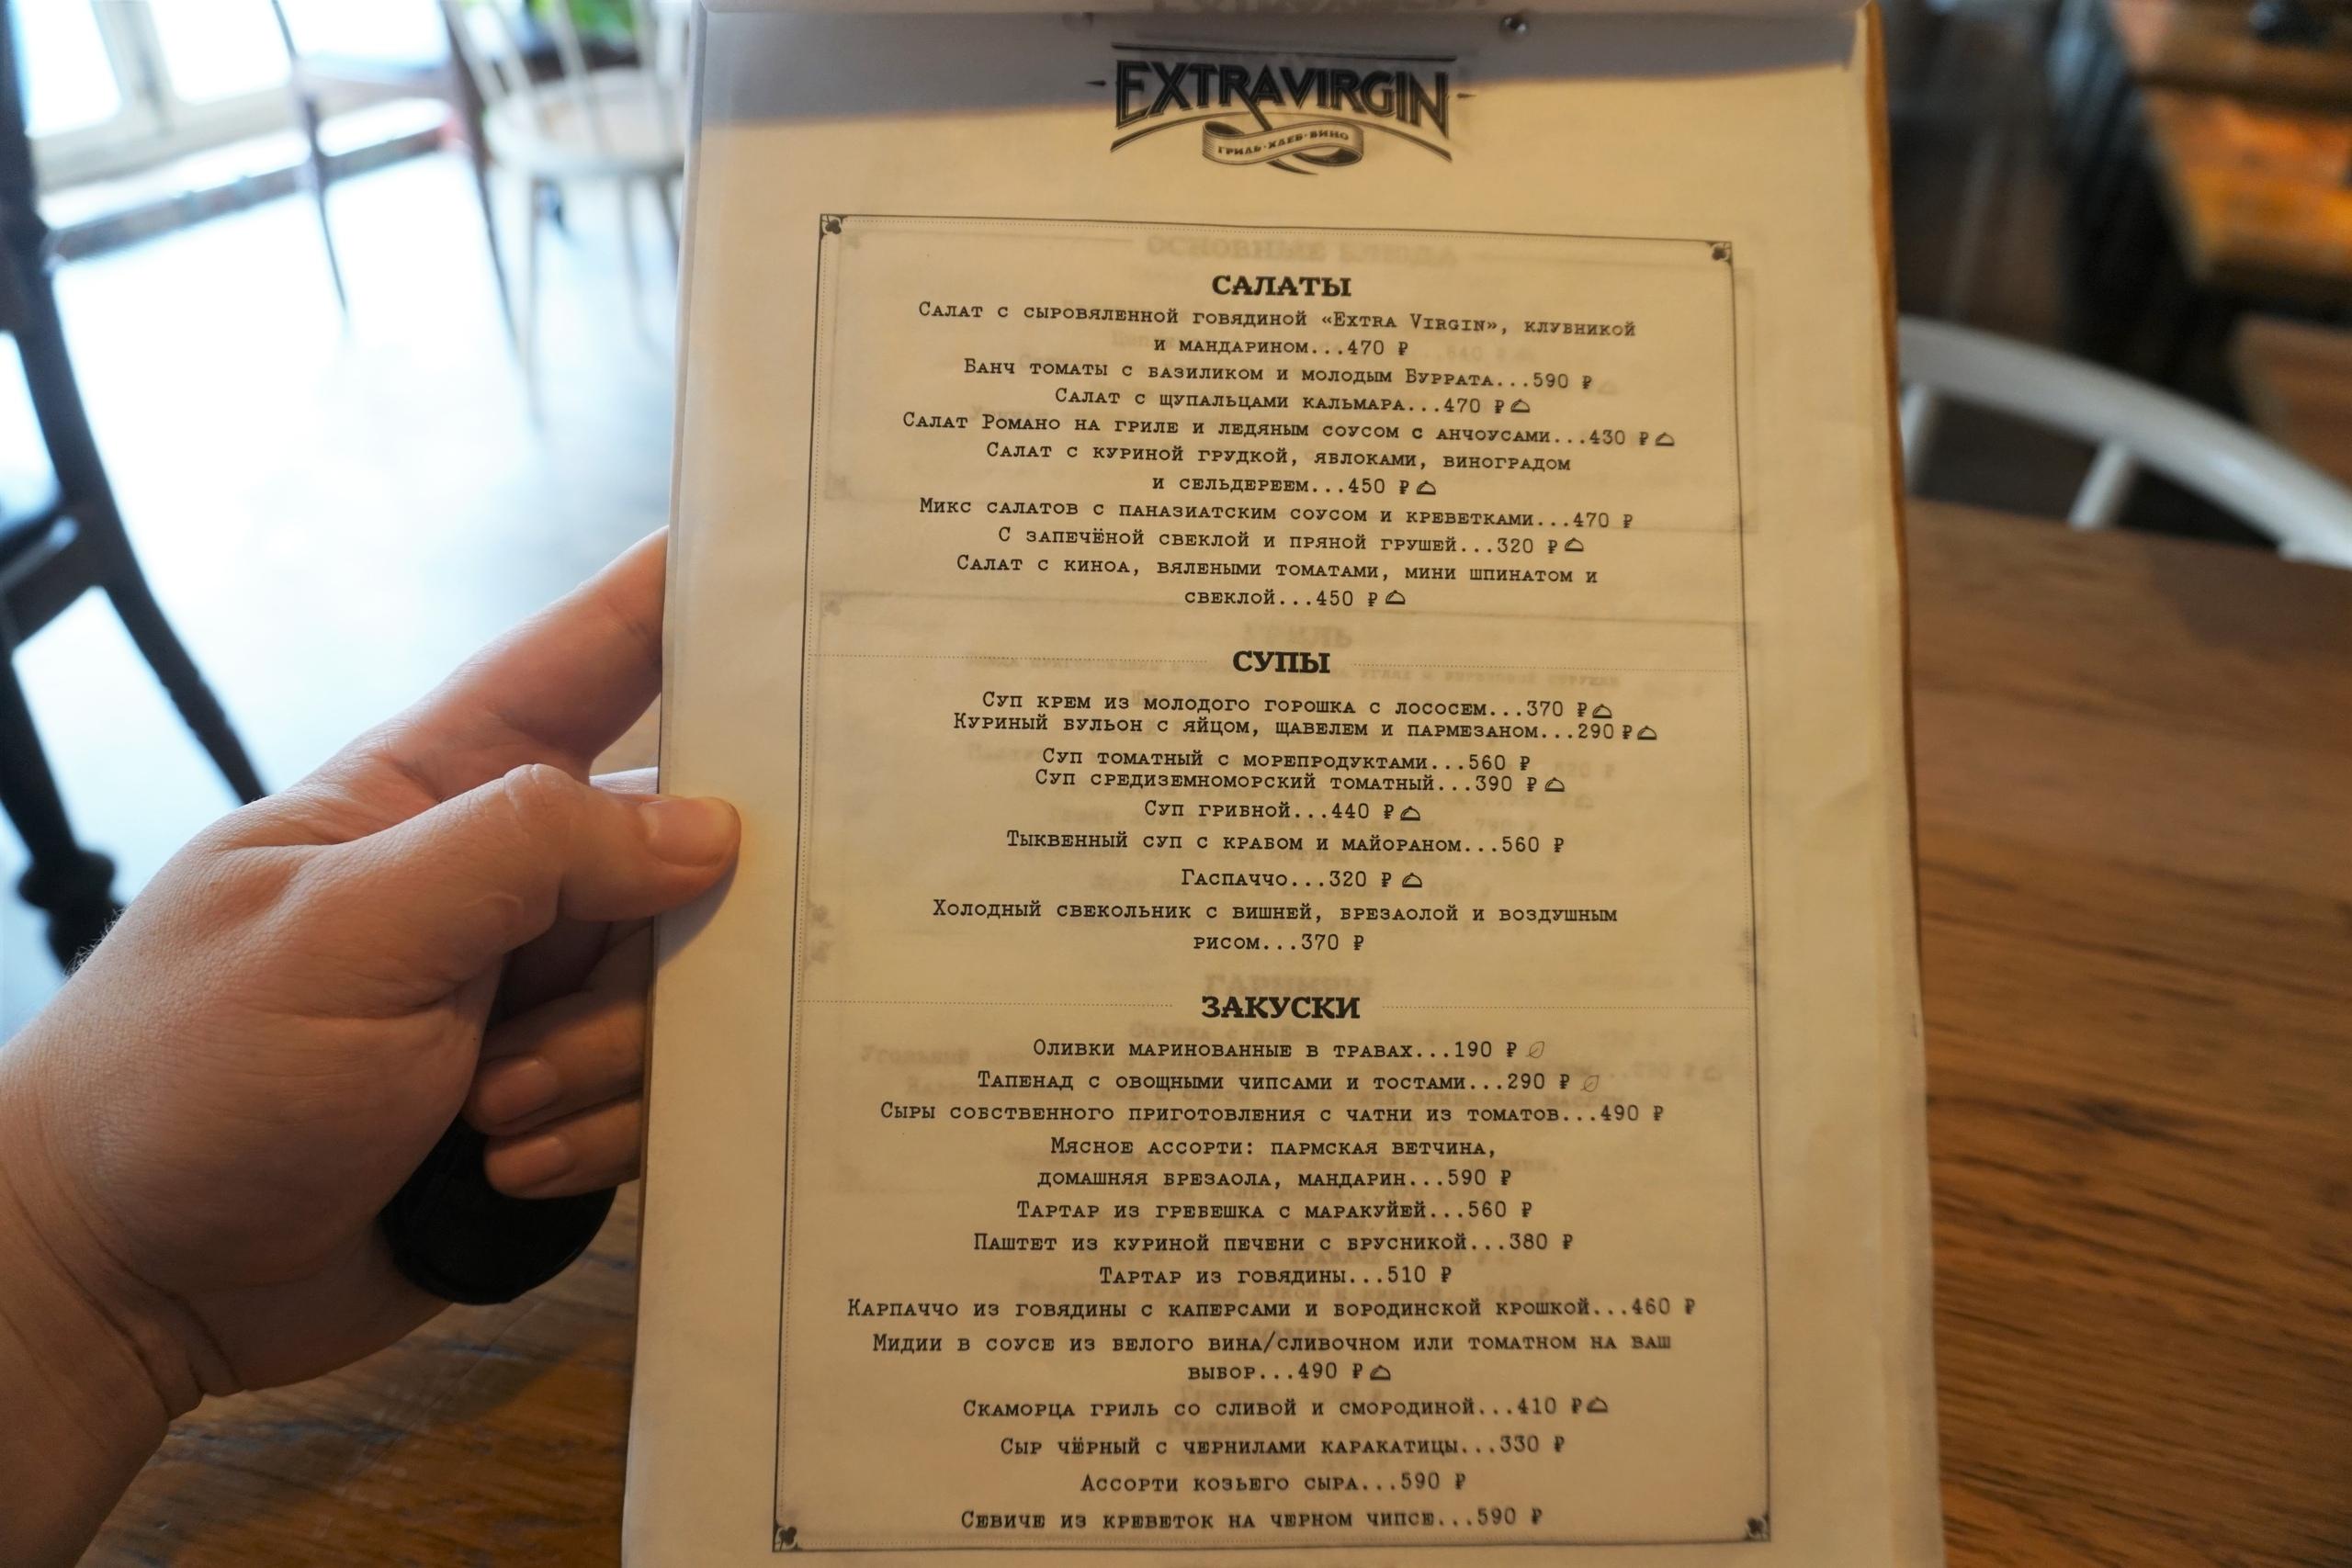 Обеды в ресторане испанской кухни Extravirgin балла, блюда, блюдо, основного, здесь, рублей, Официанты, разных, можно, только, обеда, грибами, пармезаном, получается, раздела, Порции, обеды, чтото, минут, ризотто